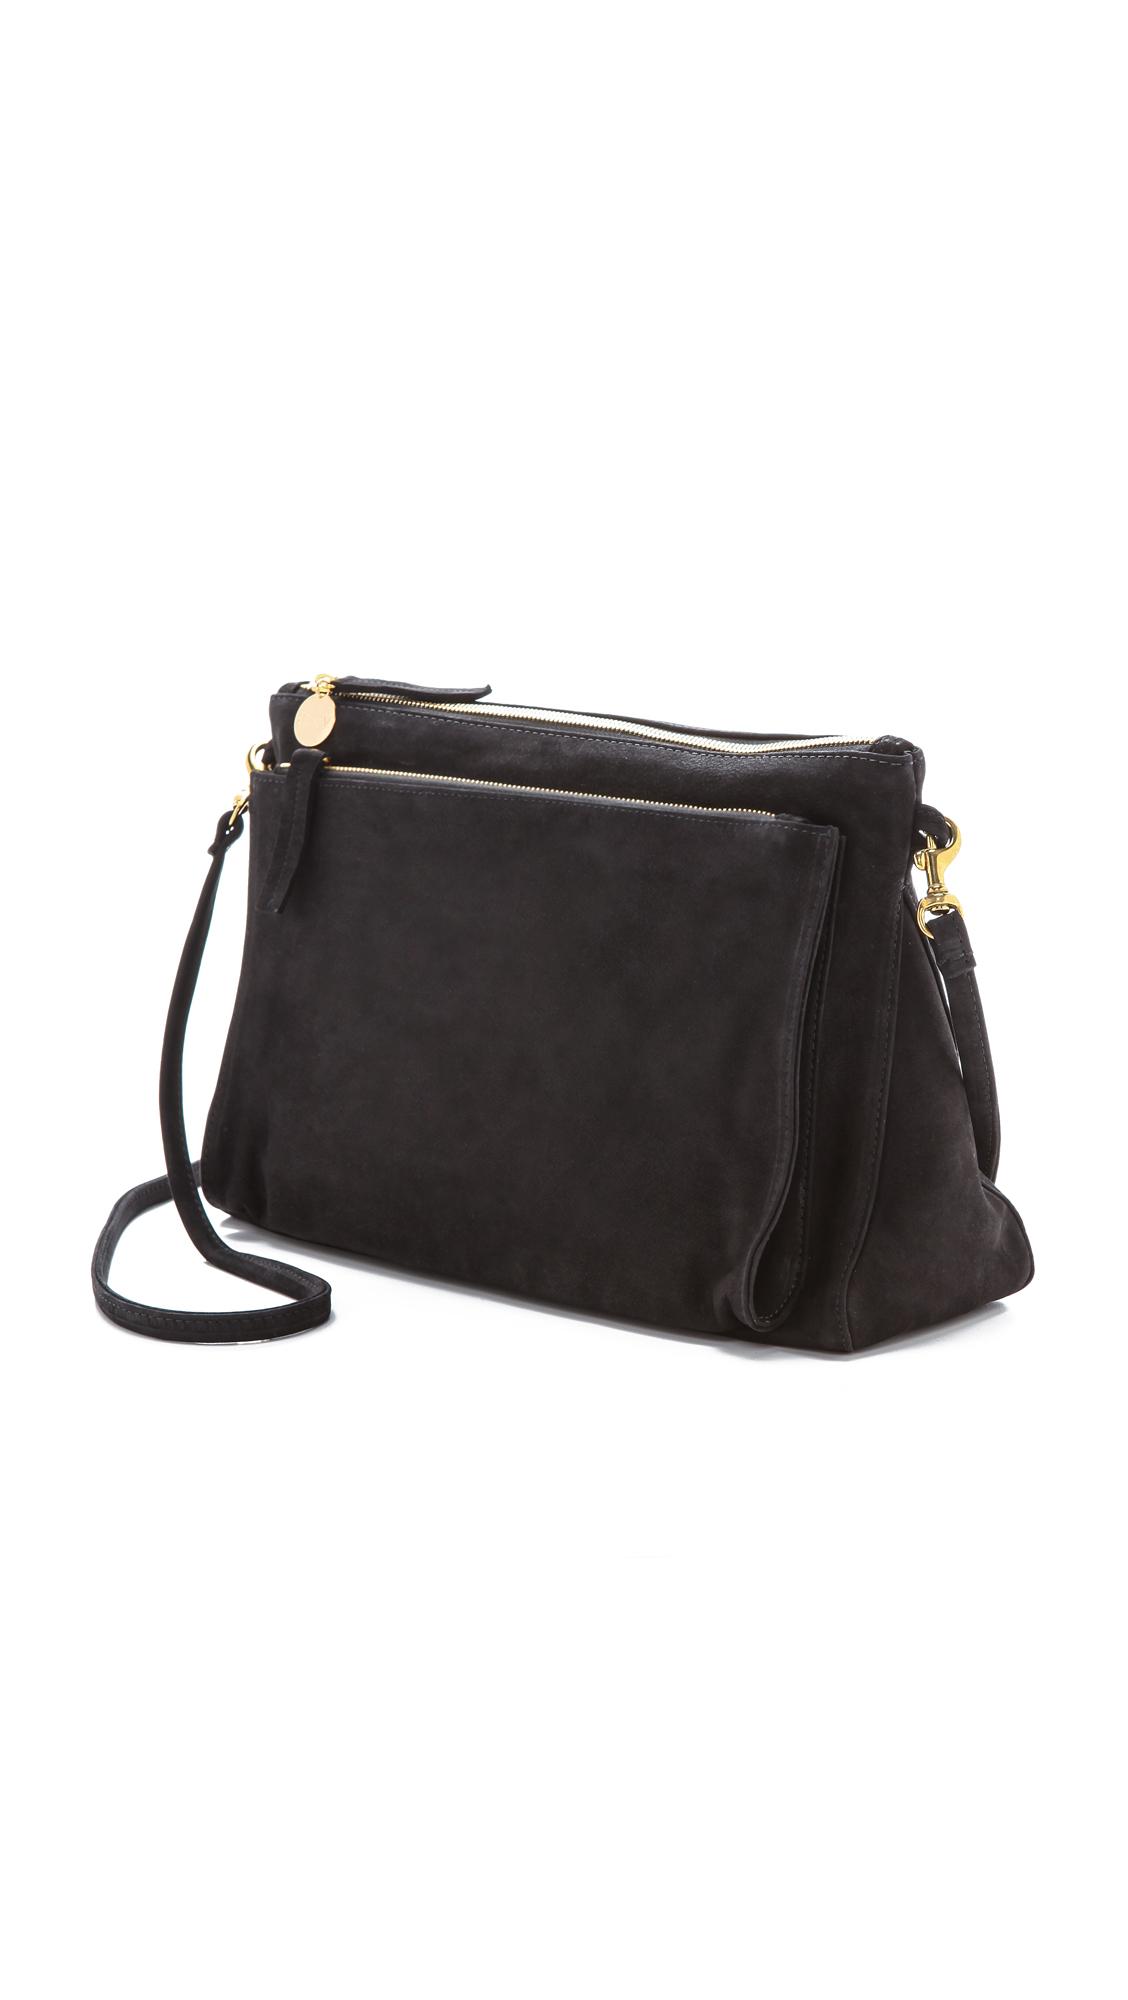 Clare V. Gosee Cross Body Bag Black